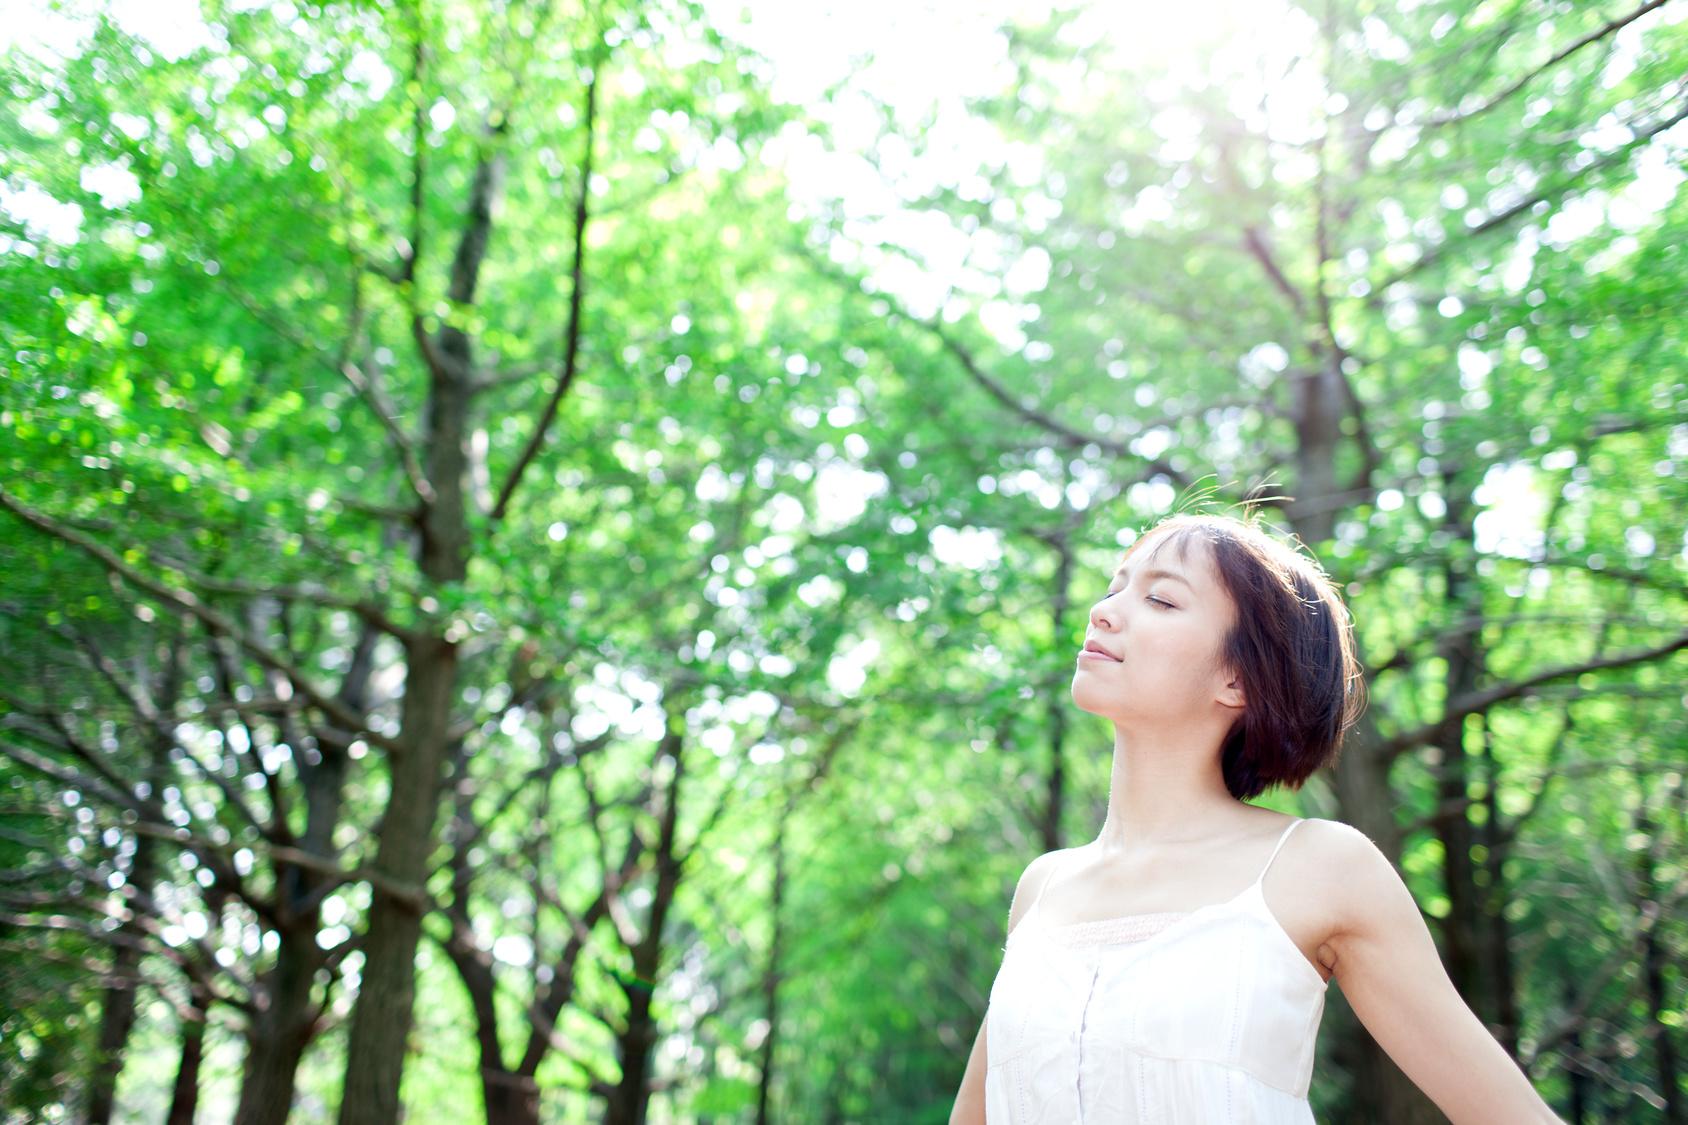 ダメな呼吸方法は、健康はもちろん美容にも悪影響が!